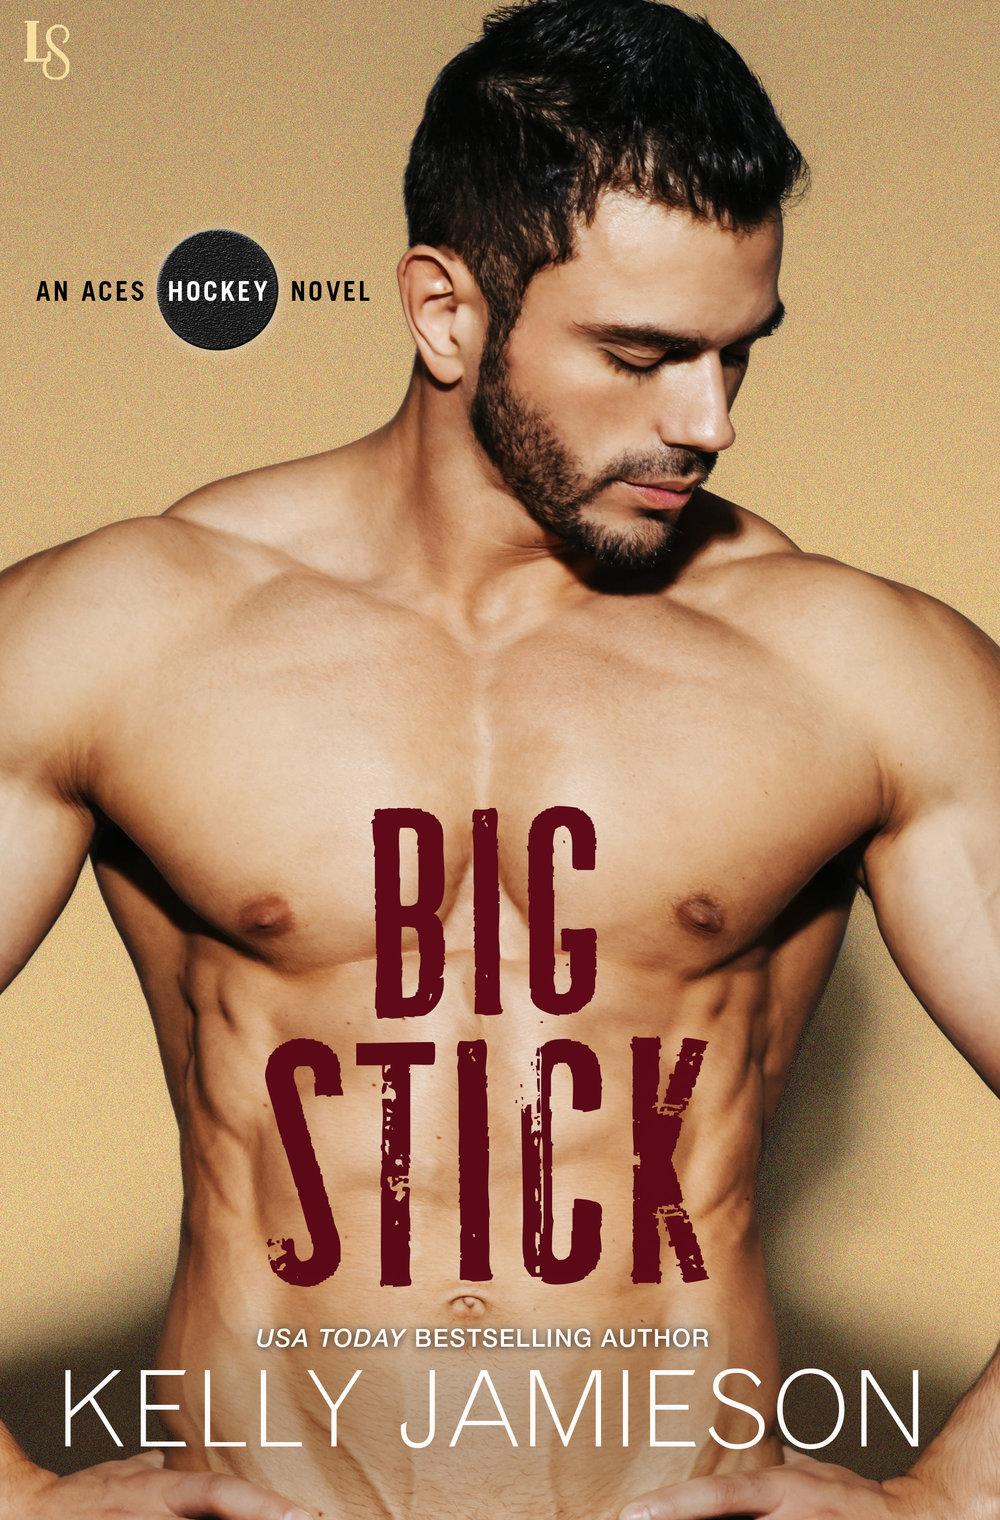 Big Stick.jpg